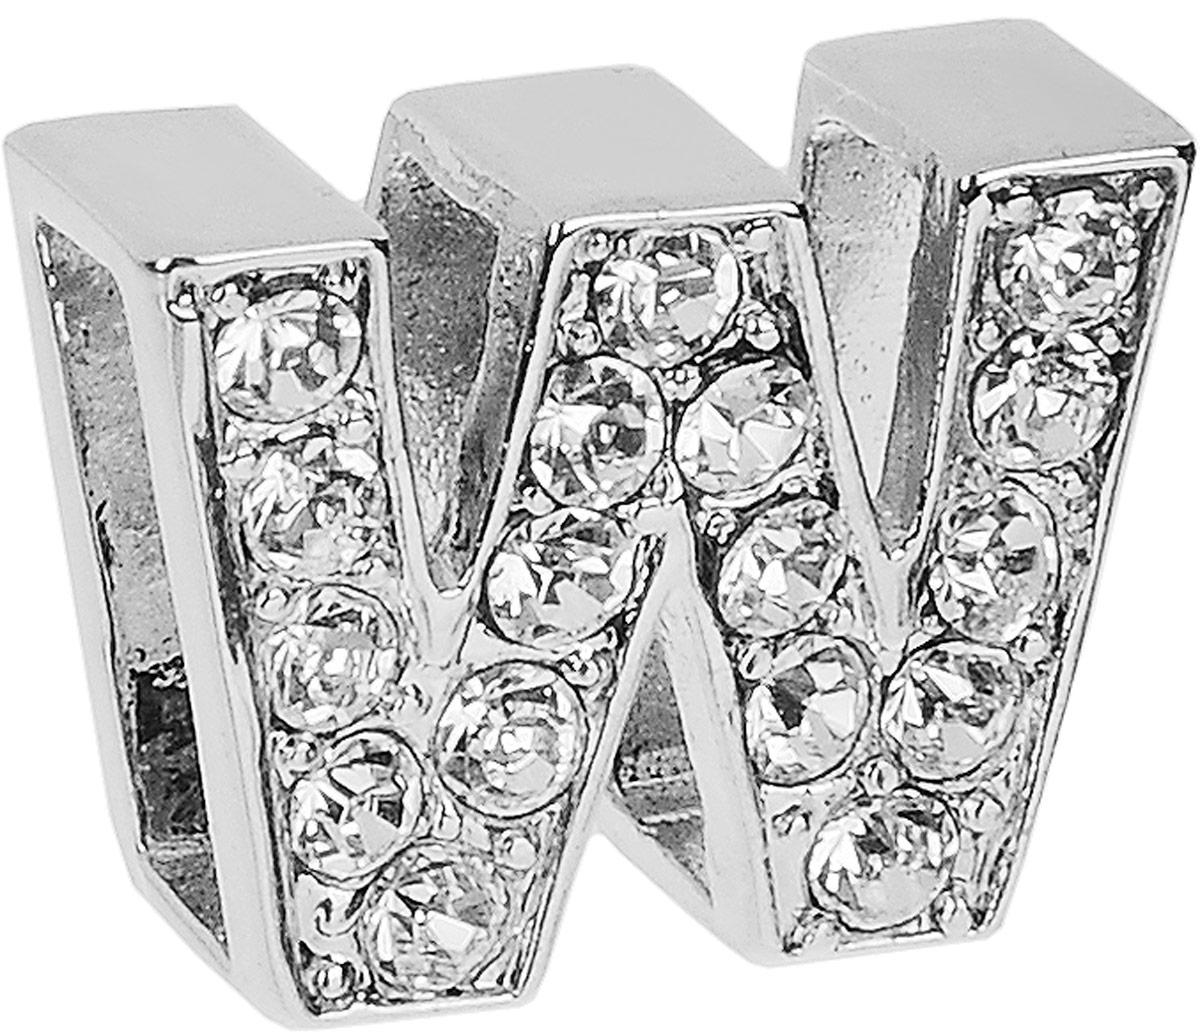 Украшение на ошейник Camon. DA110/WDA110/WCamon - оригинальное украшение на ошейник в виде буквы. Украшение изготовлено из металла и украшено стразами.Украшение на ошейник Camon поможет вам подчеркнуть индивидуальность вашего питомца.Размеры: 1,5 х 1,2 х 0,5 см.